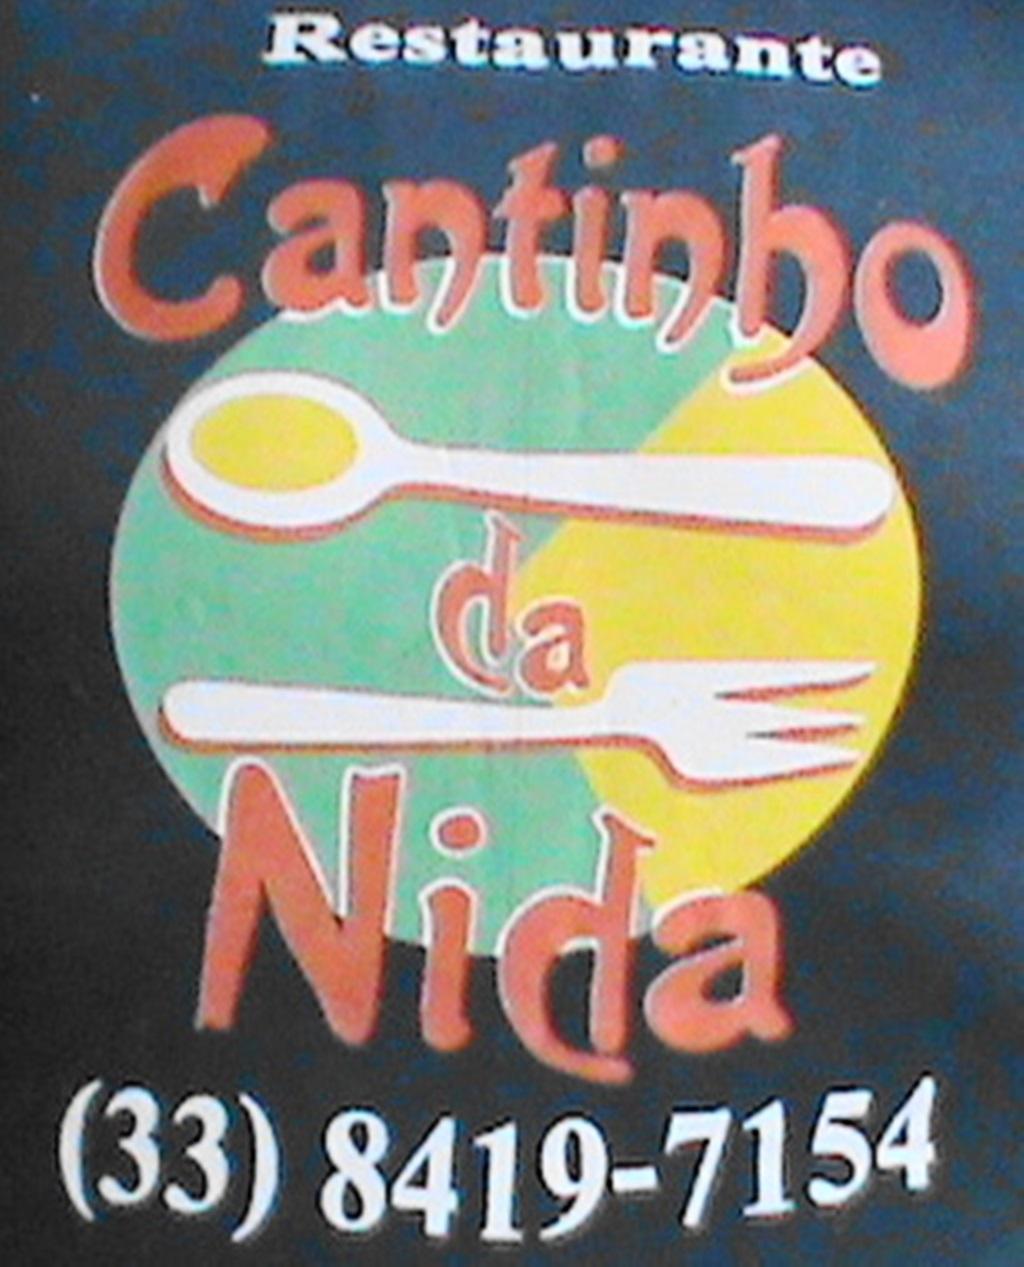 Cantinho da Nida